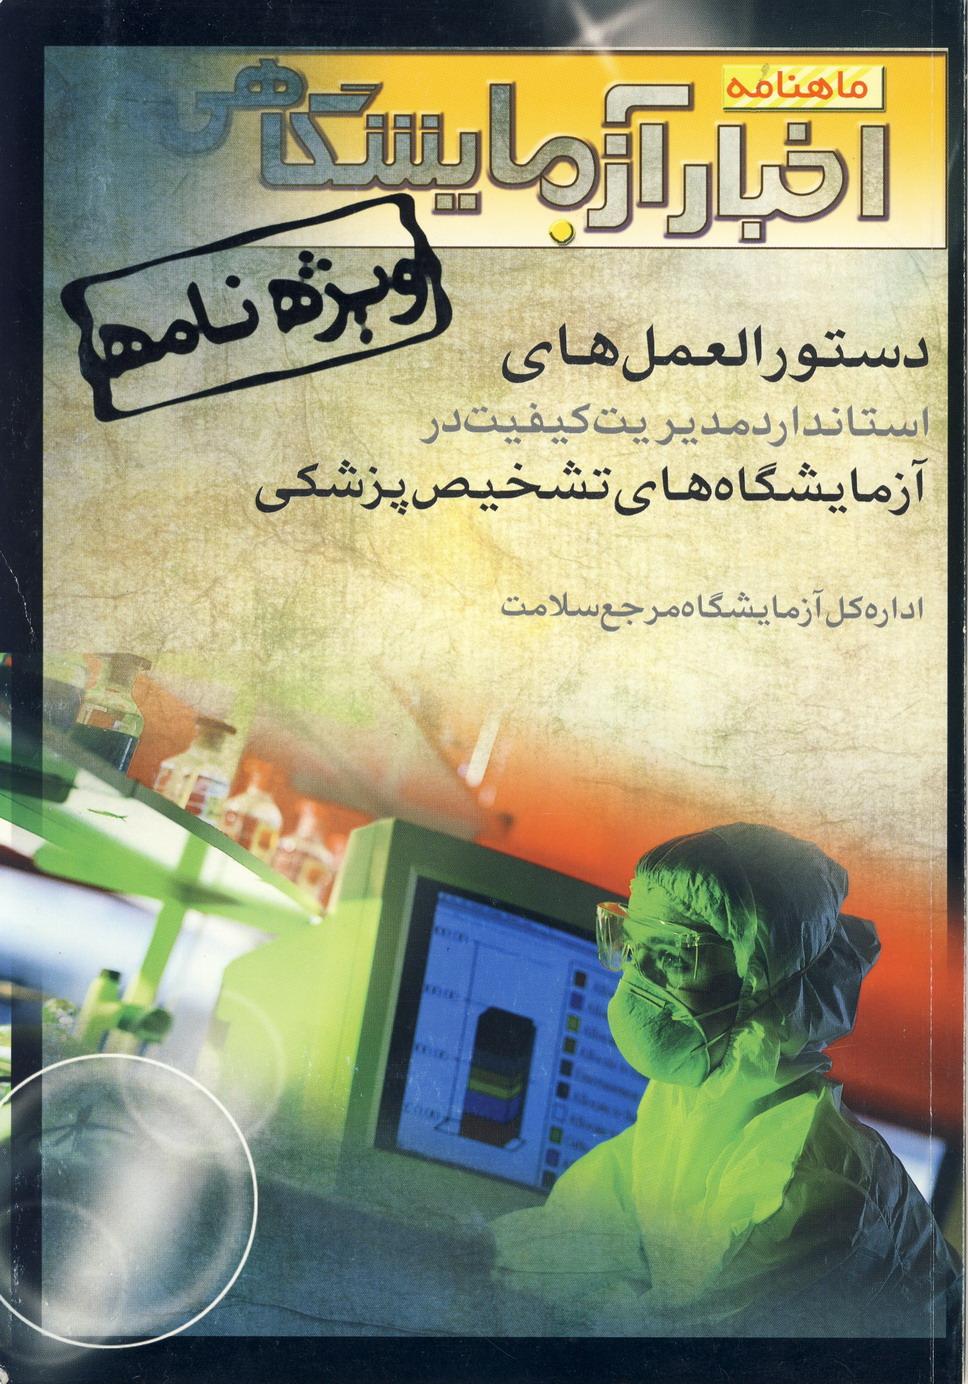 کتاب مجموعه دستورالعملها – آزمایشگاه مرجع سلامت